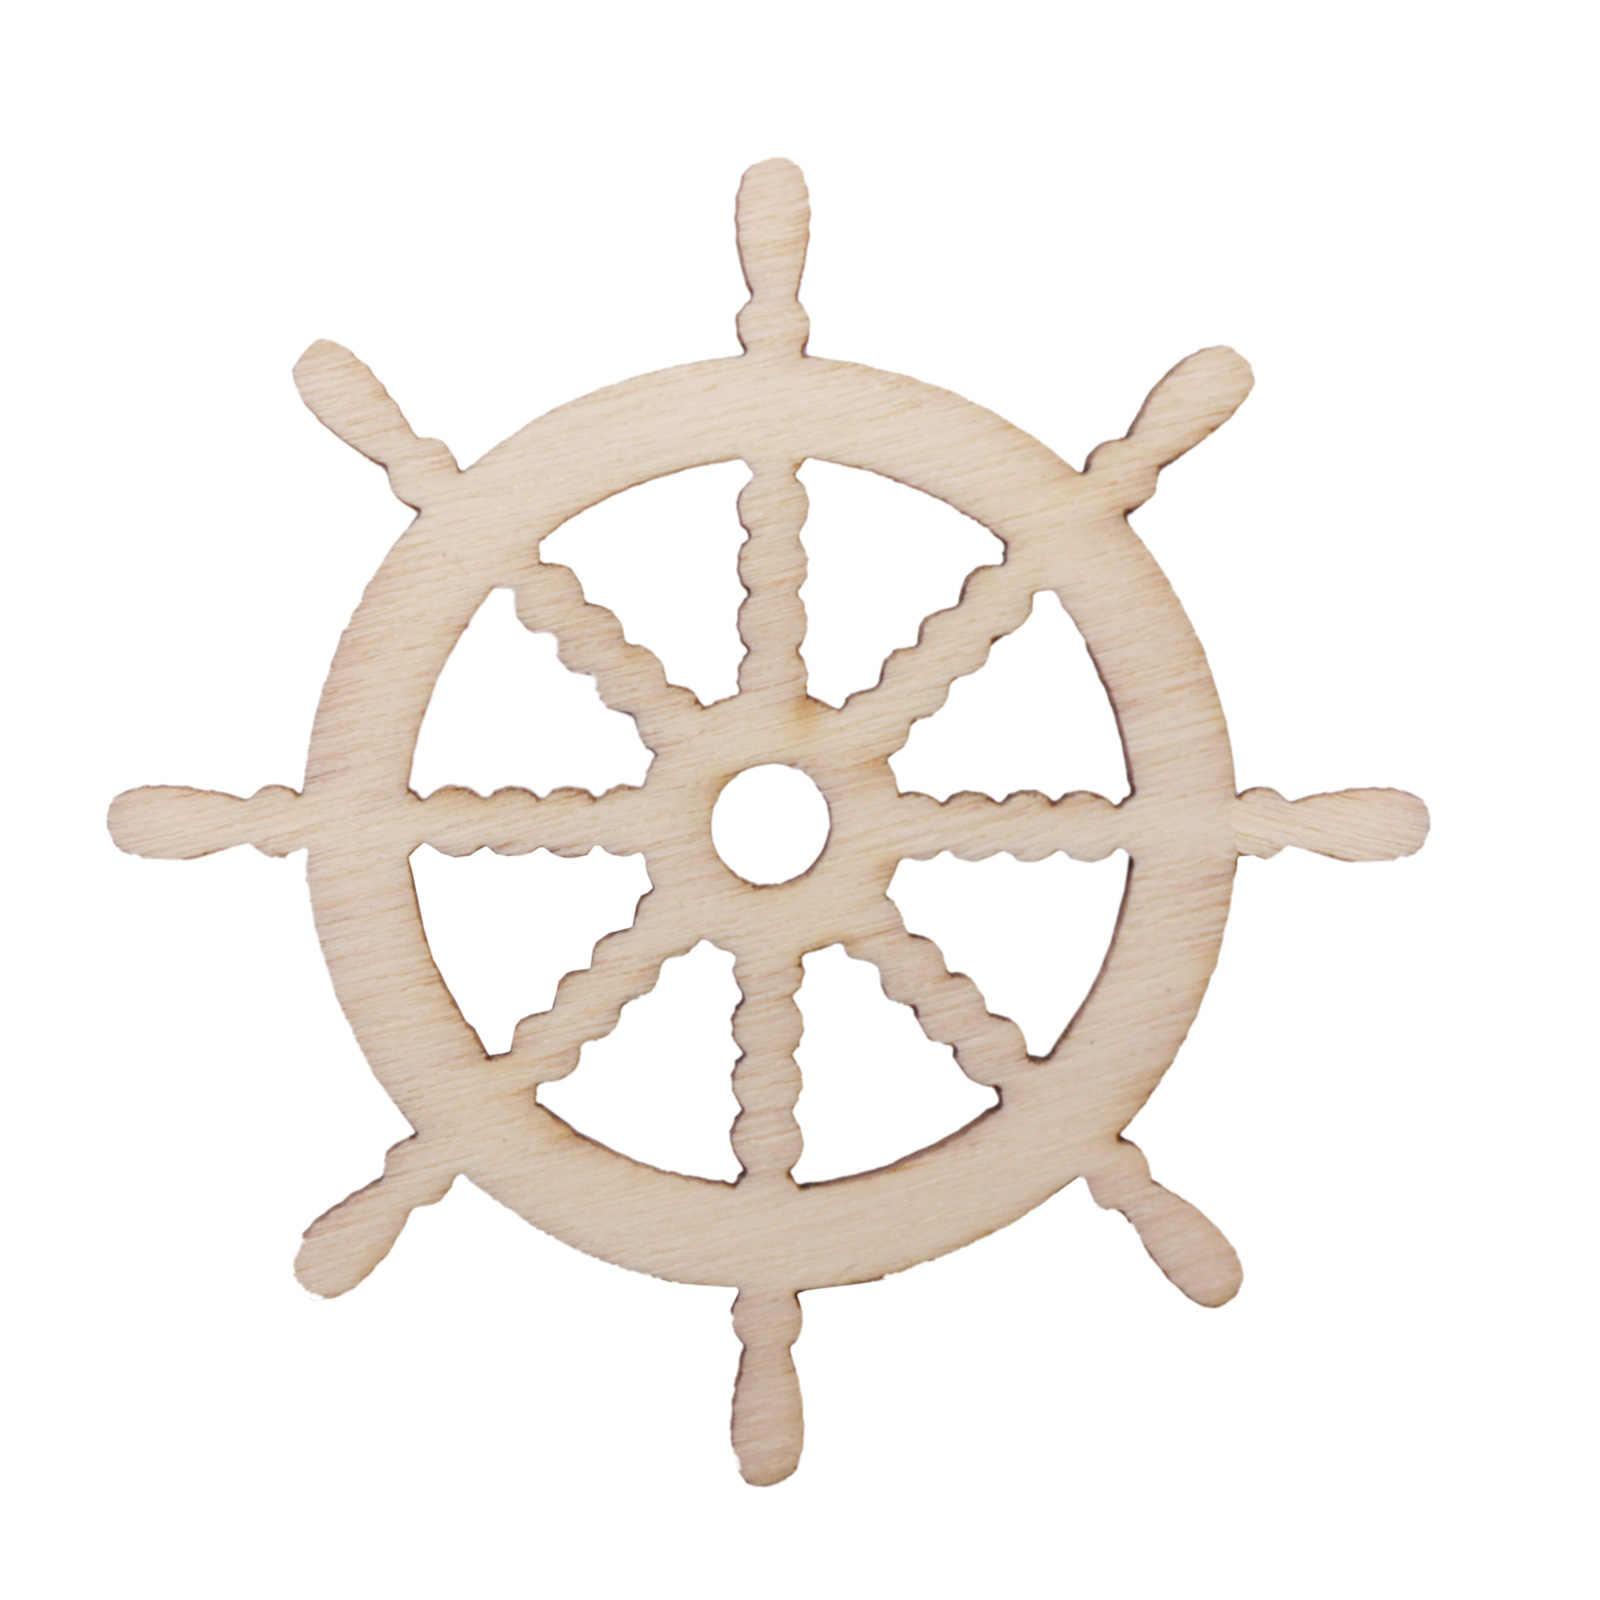 10 Uds artesanía de madera ancla y Dirección forma adorno colgante de decoración para DIY tela accesorio álbum de recortes fiesta en casa Decoración